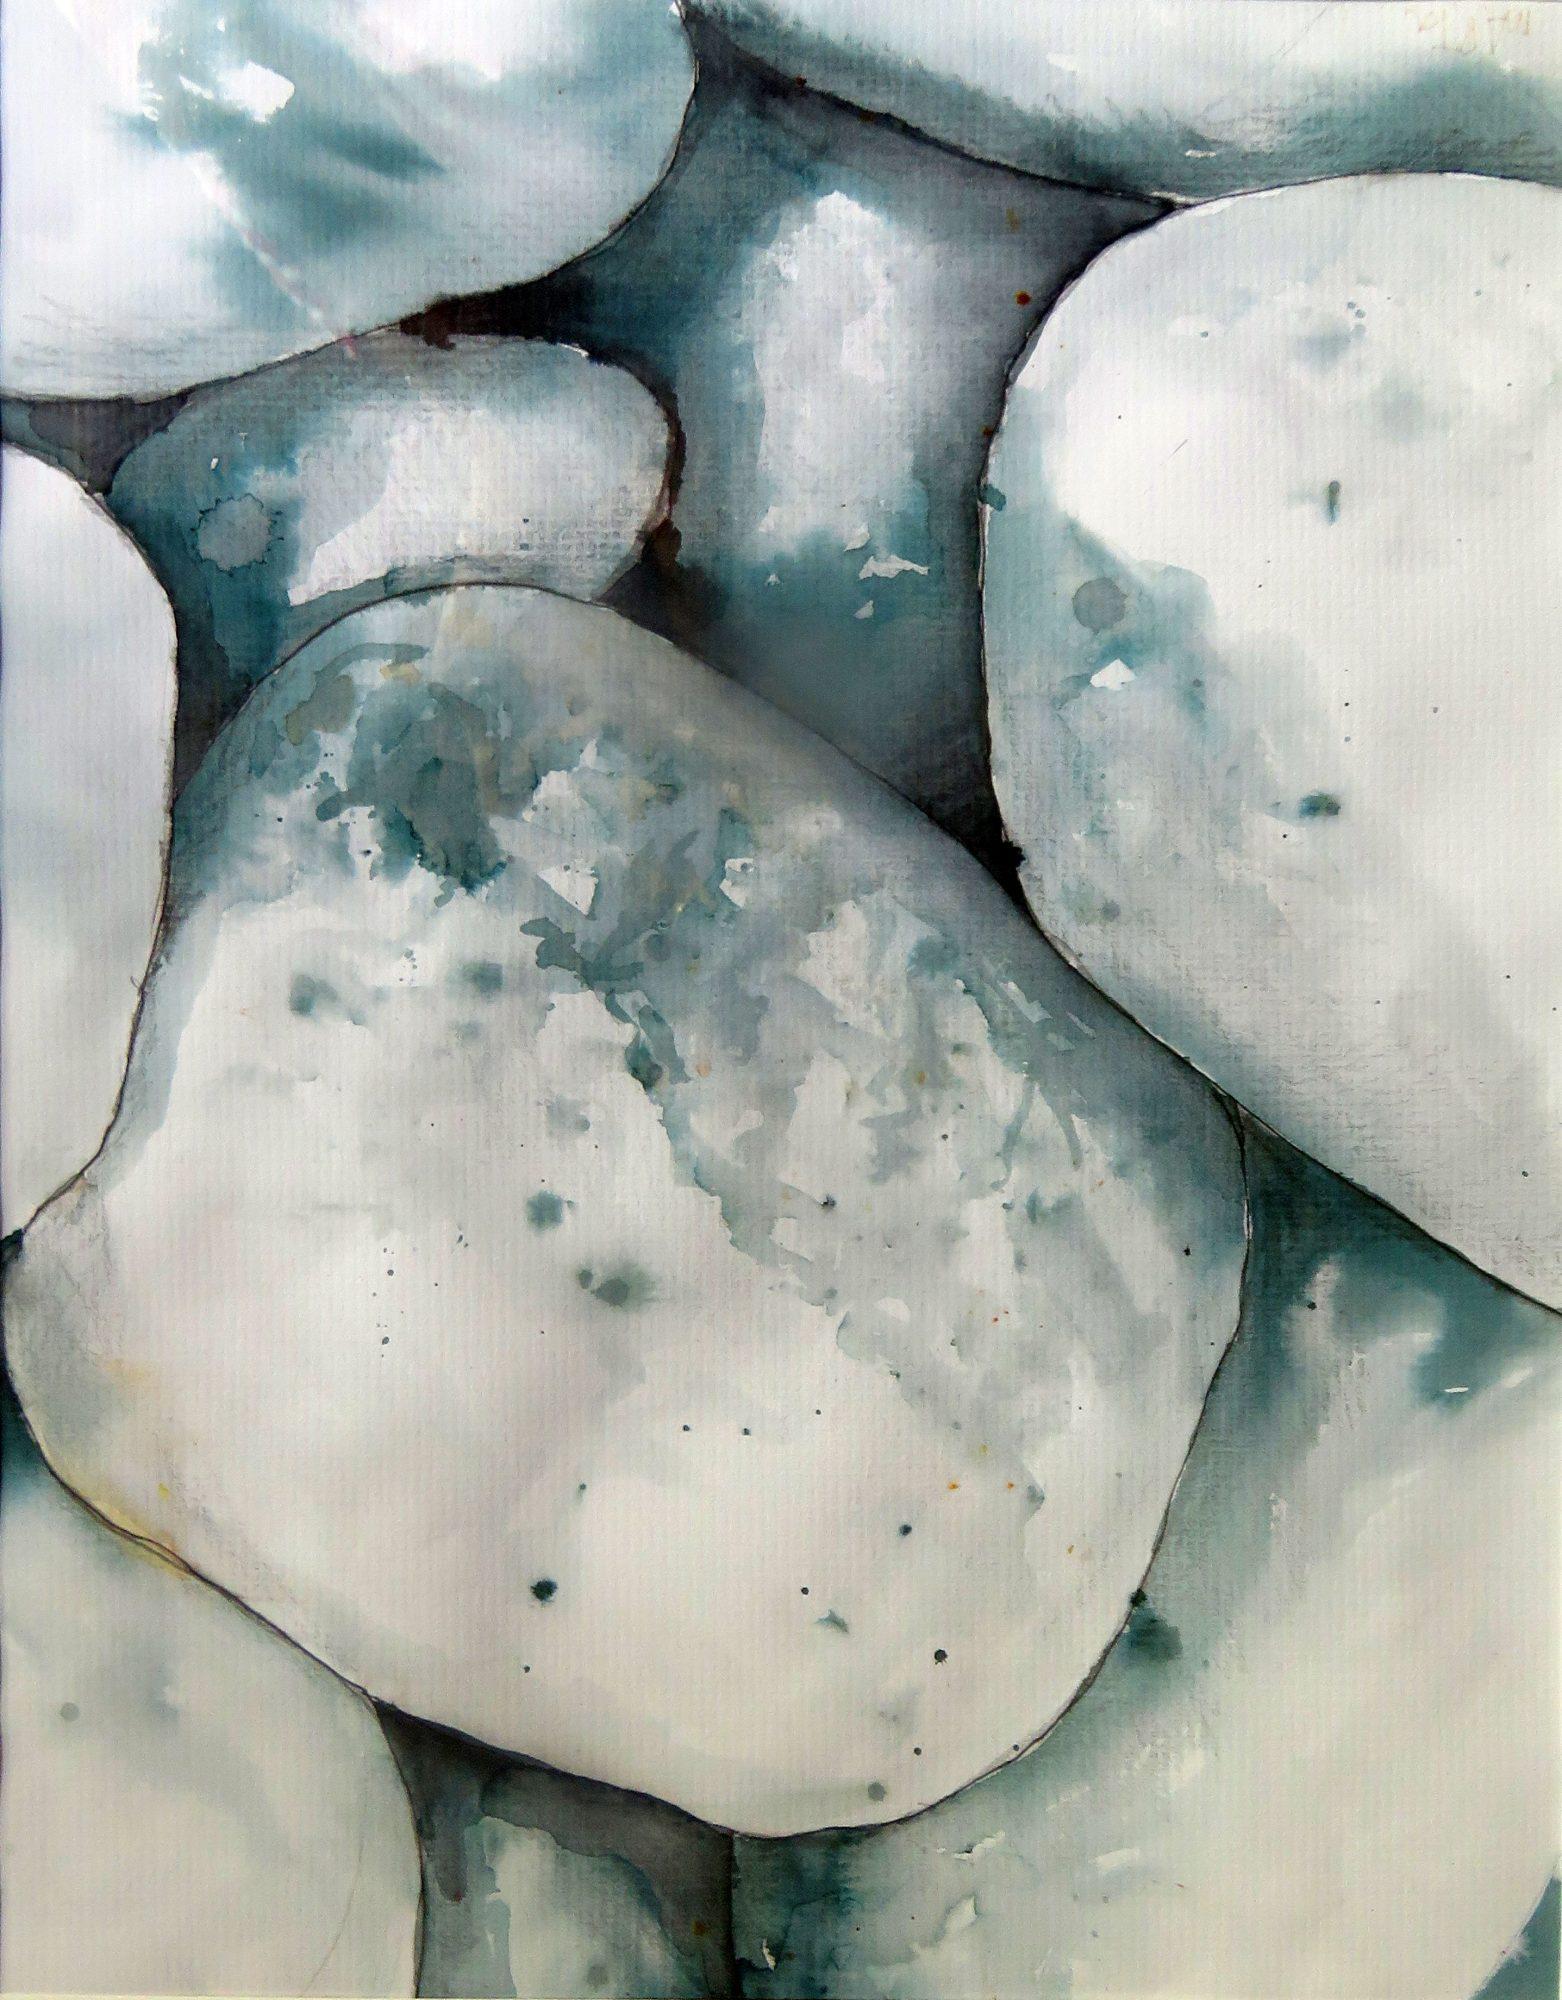 #4 Boulders